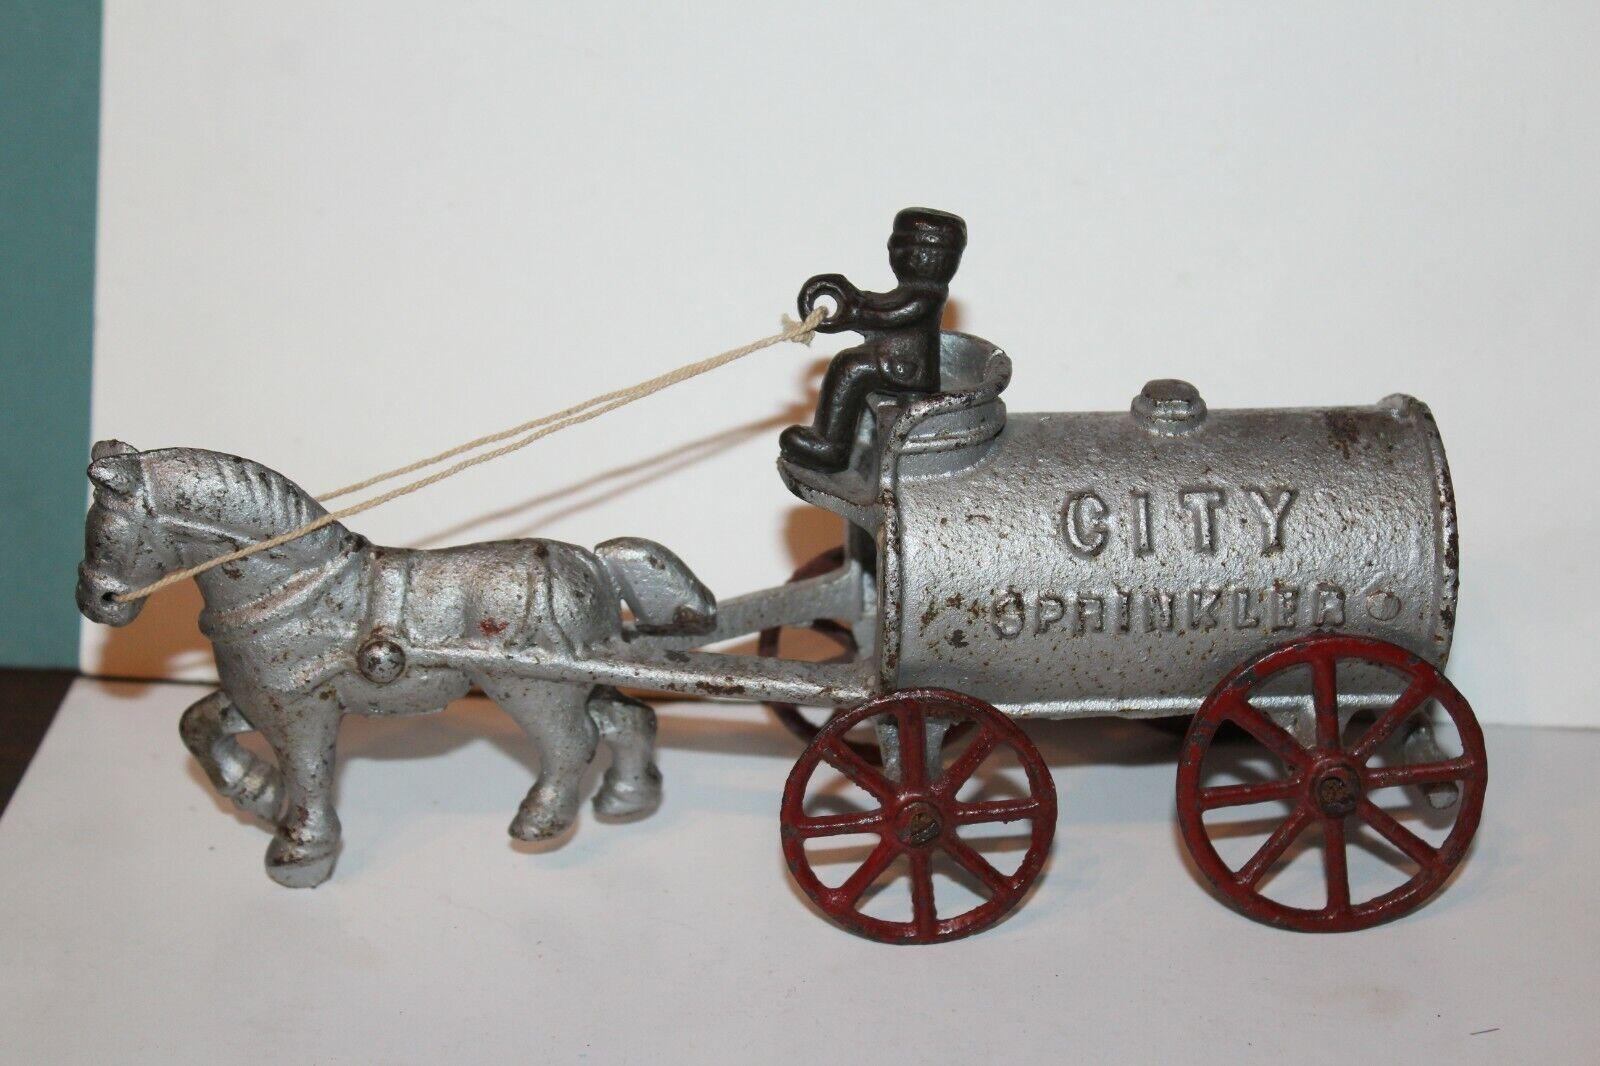 Agréable Rarement vu Vintage Hubley Fonte City Gicleur Approximativement 1900